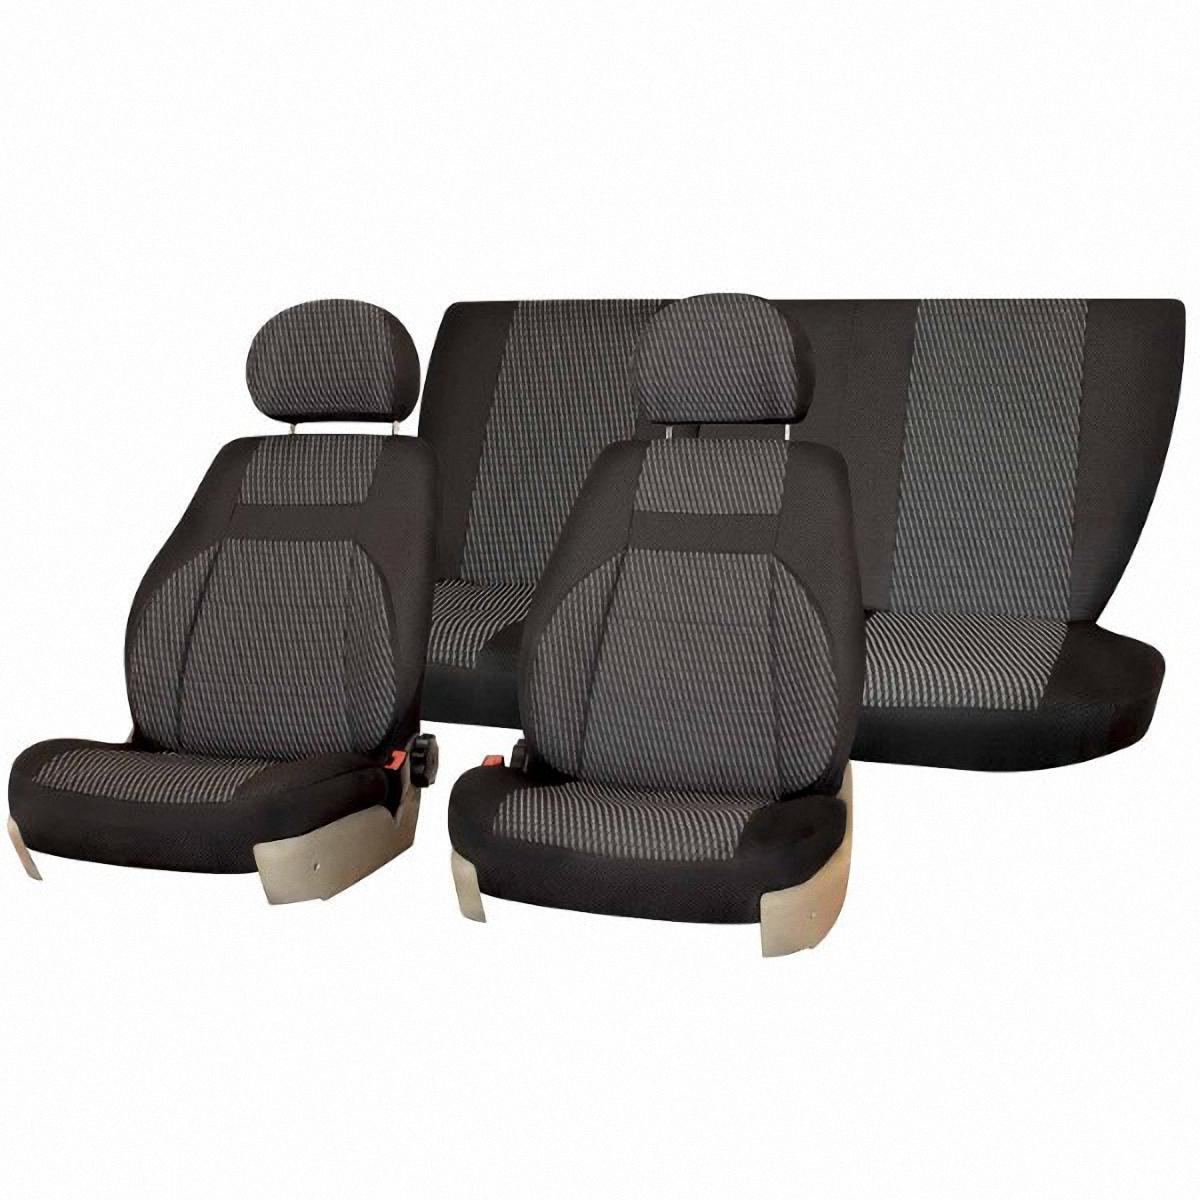 Чехлы автомобильные Skyway, для Lada Priora, седан, цвет: темно-серыйV005-D2Автомобильные чехлы Skyway изготовлены из качественного жаккарда. Чехлы идеально повторяют штатную форму сидений и выглядят как оригинальная обивка сидений. Разработаны индивидуально для каждой модели автомобиля. Авточехлы Skyway просты в уходе - загрязнения легко удаляются влажной тканью. Чехлы имеют раздельную схему надевания. В комплекте 12 предметов.